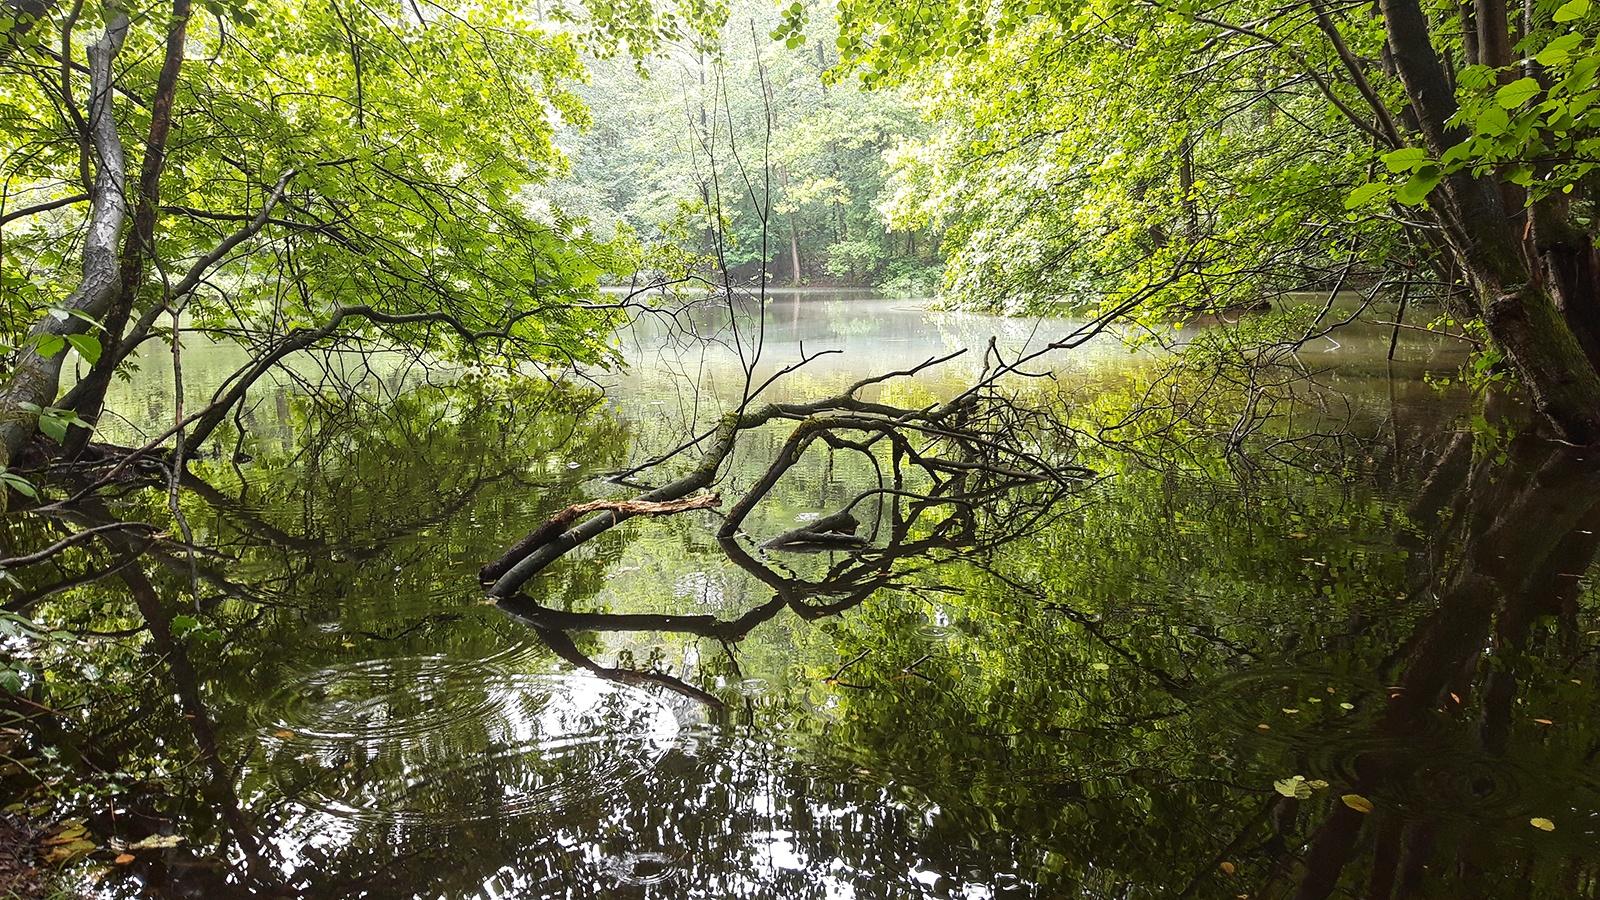 Blick auf einen verwunschen wirkenden Waldsee